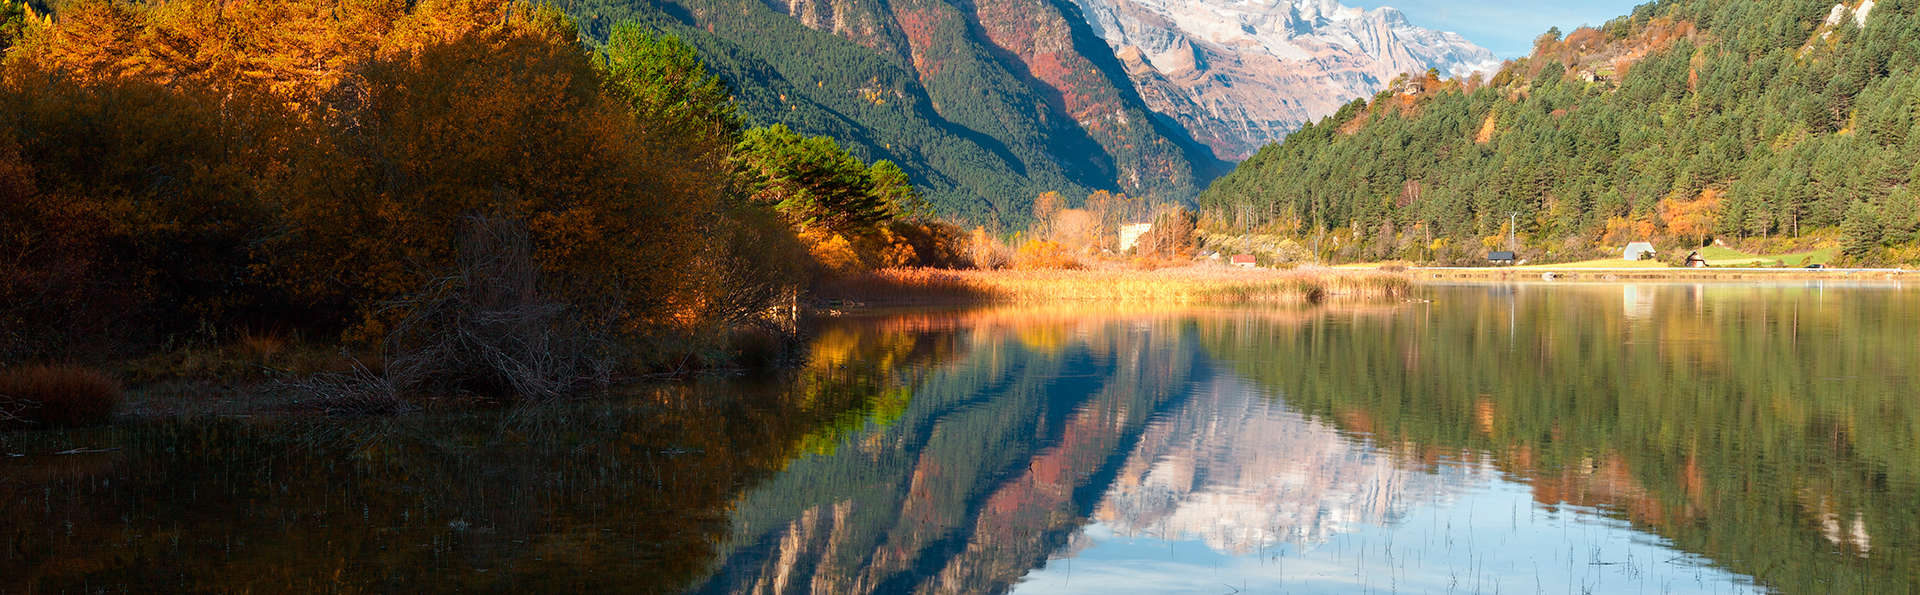 Séjour bien-être dans les Pyrénées aragonaises (à partir de 2 nuits)